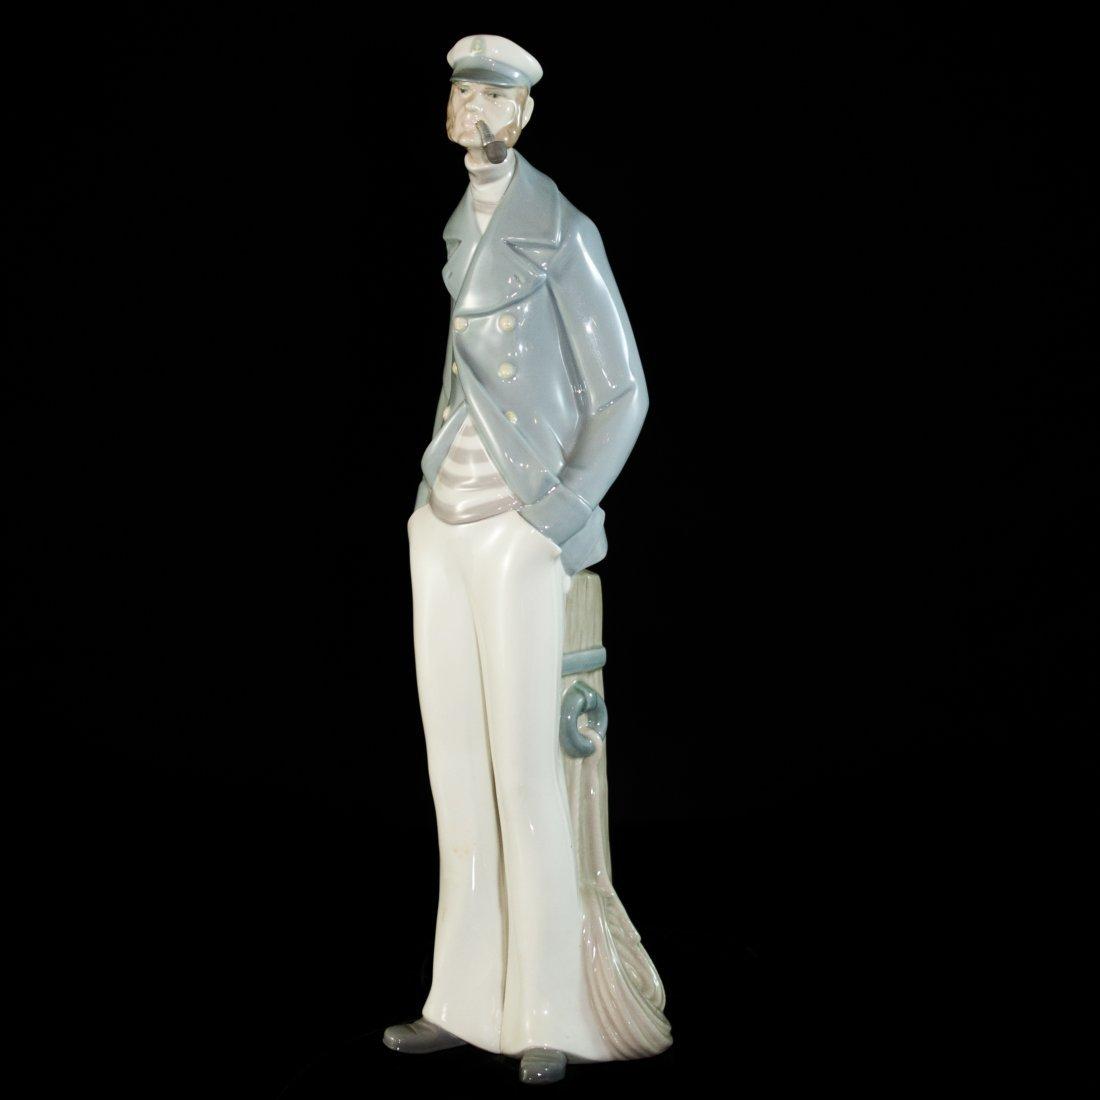 Lladro Sailor Figurine